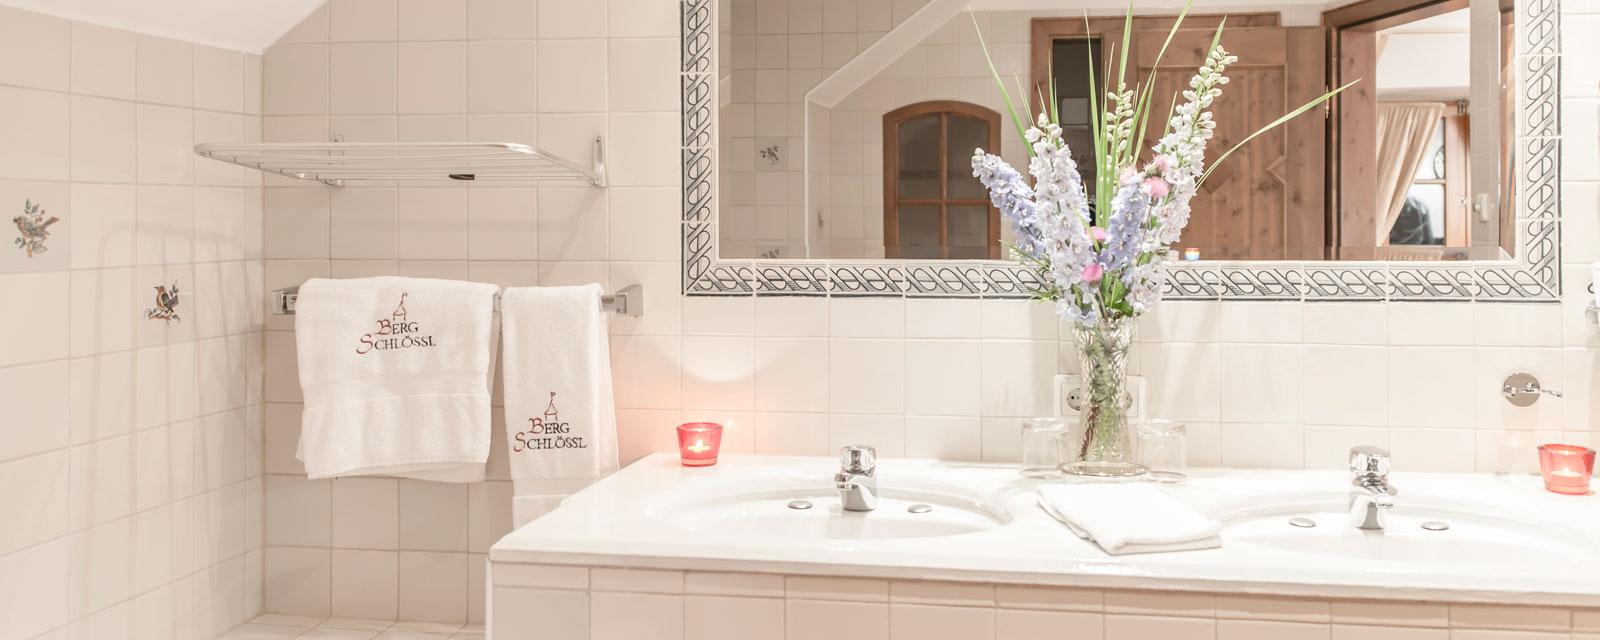 Stilvolles Badezimmer mit Blumen